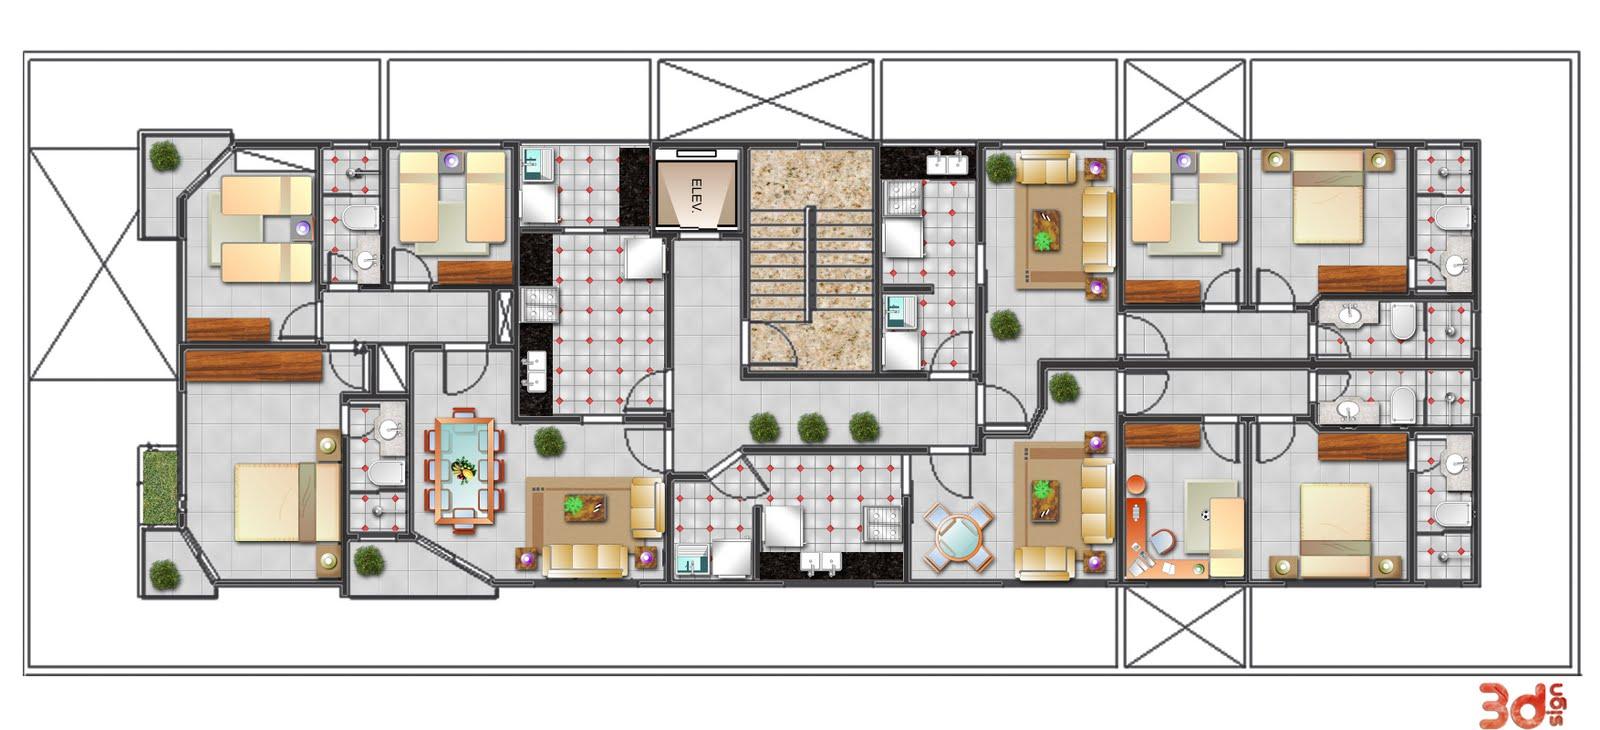 Well-known 3dsign: Fachada de prédio e plantas baixas DJ97